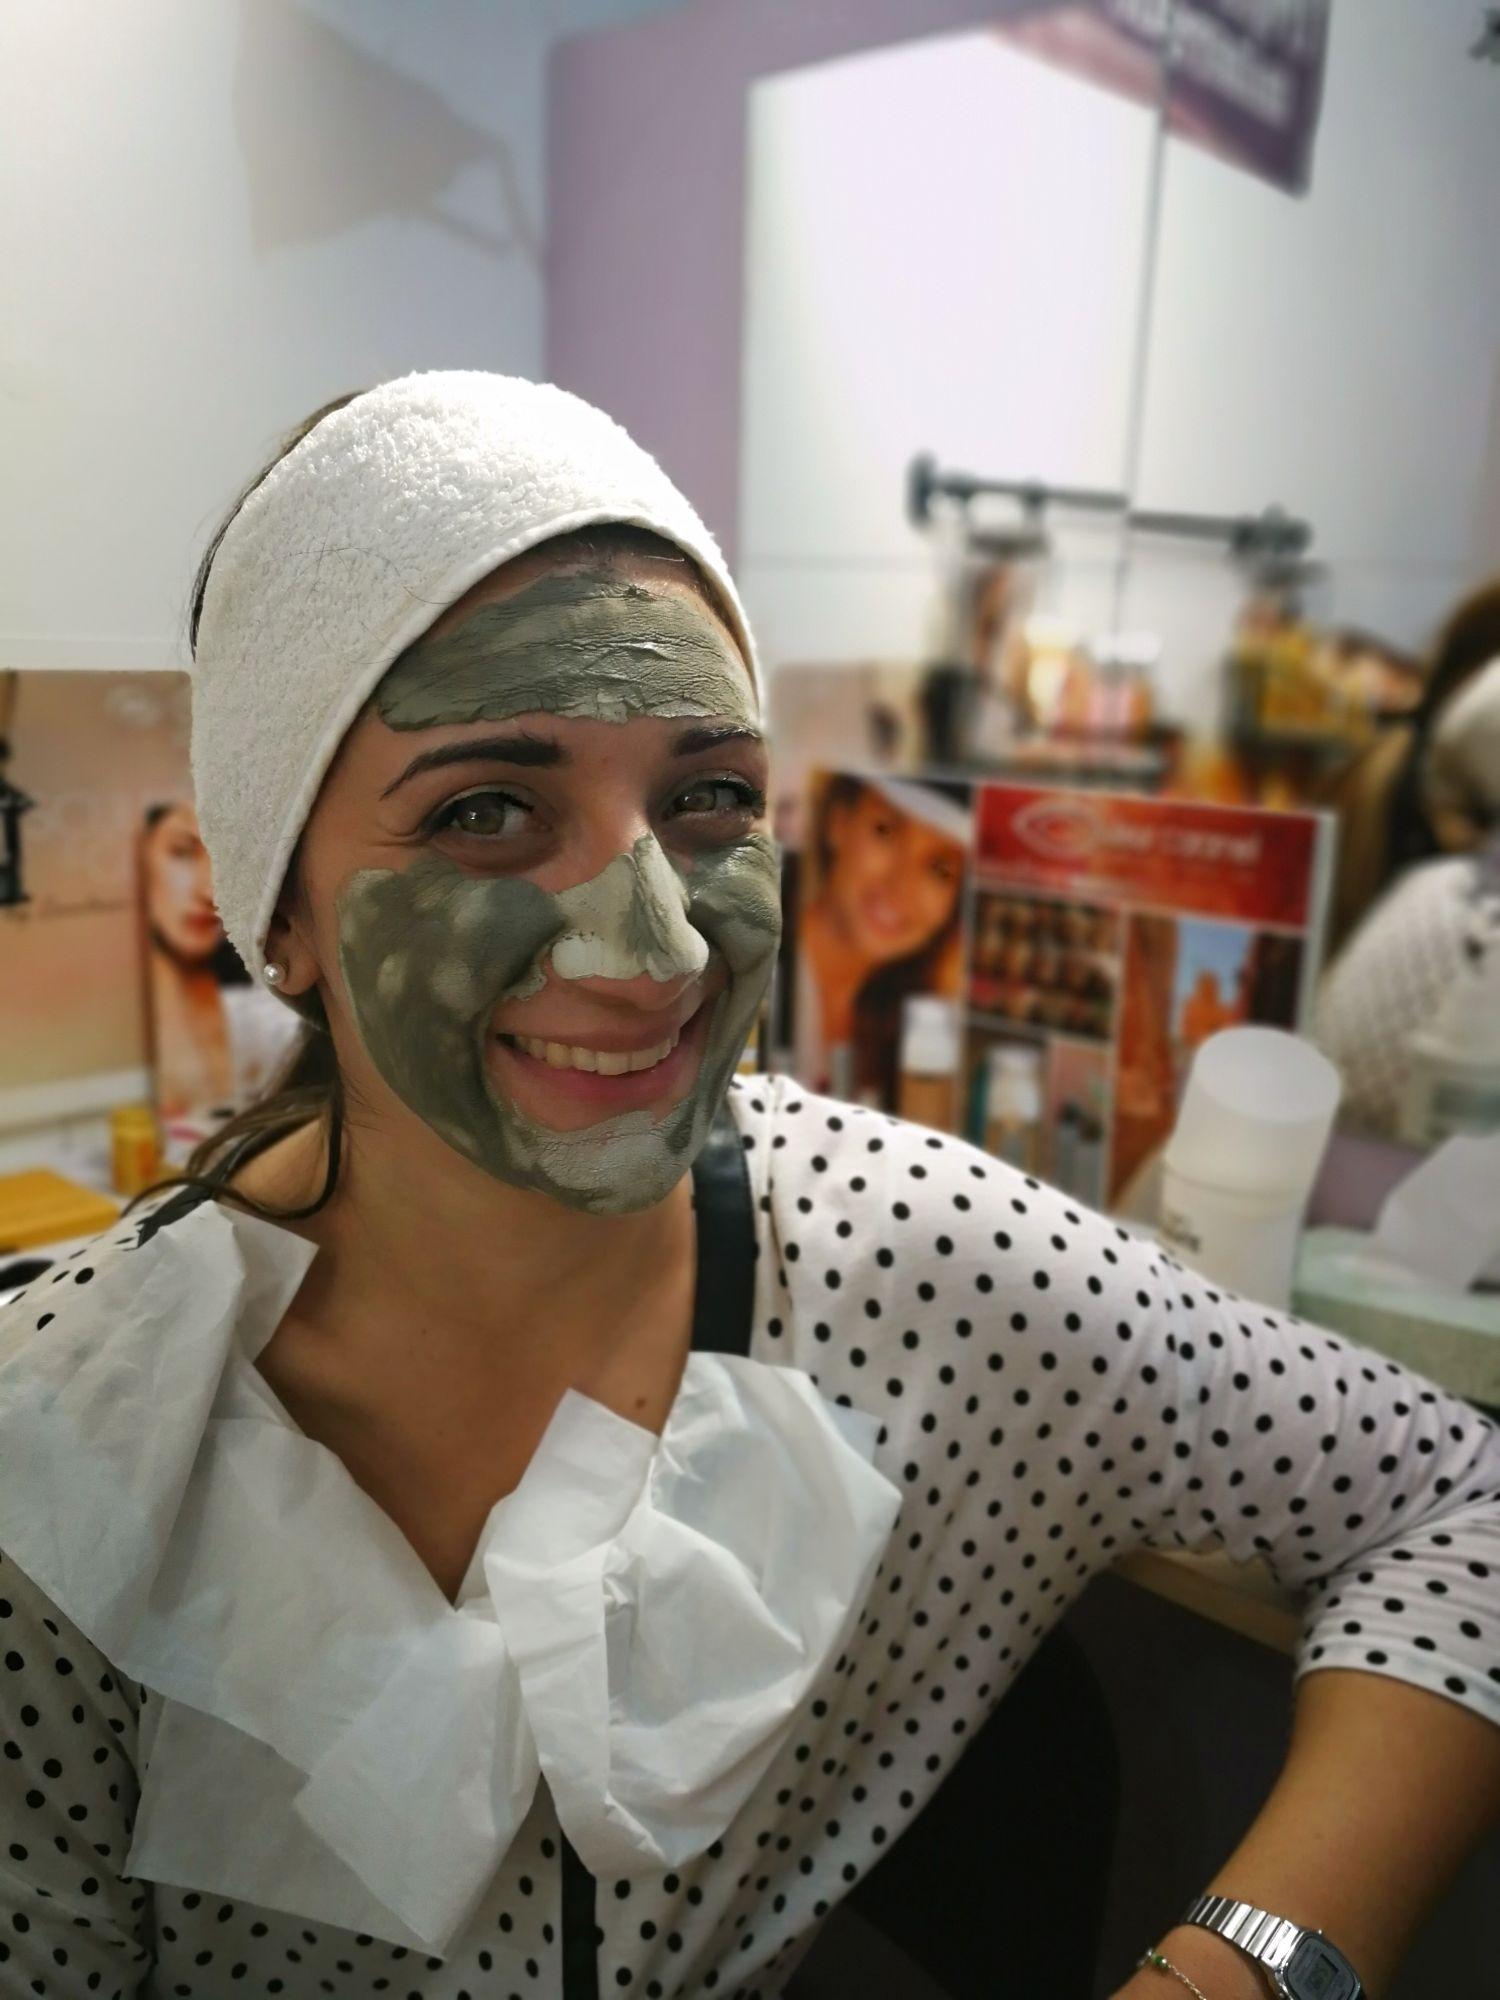 Pelle di porcellana - Dalla skin care al trucco viso